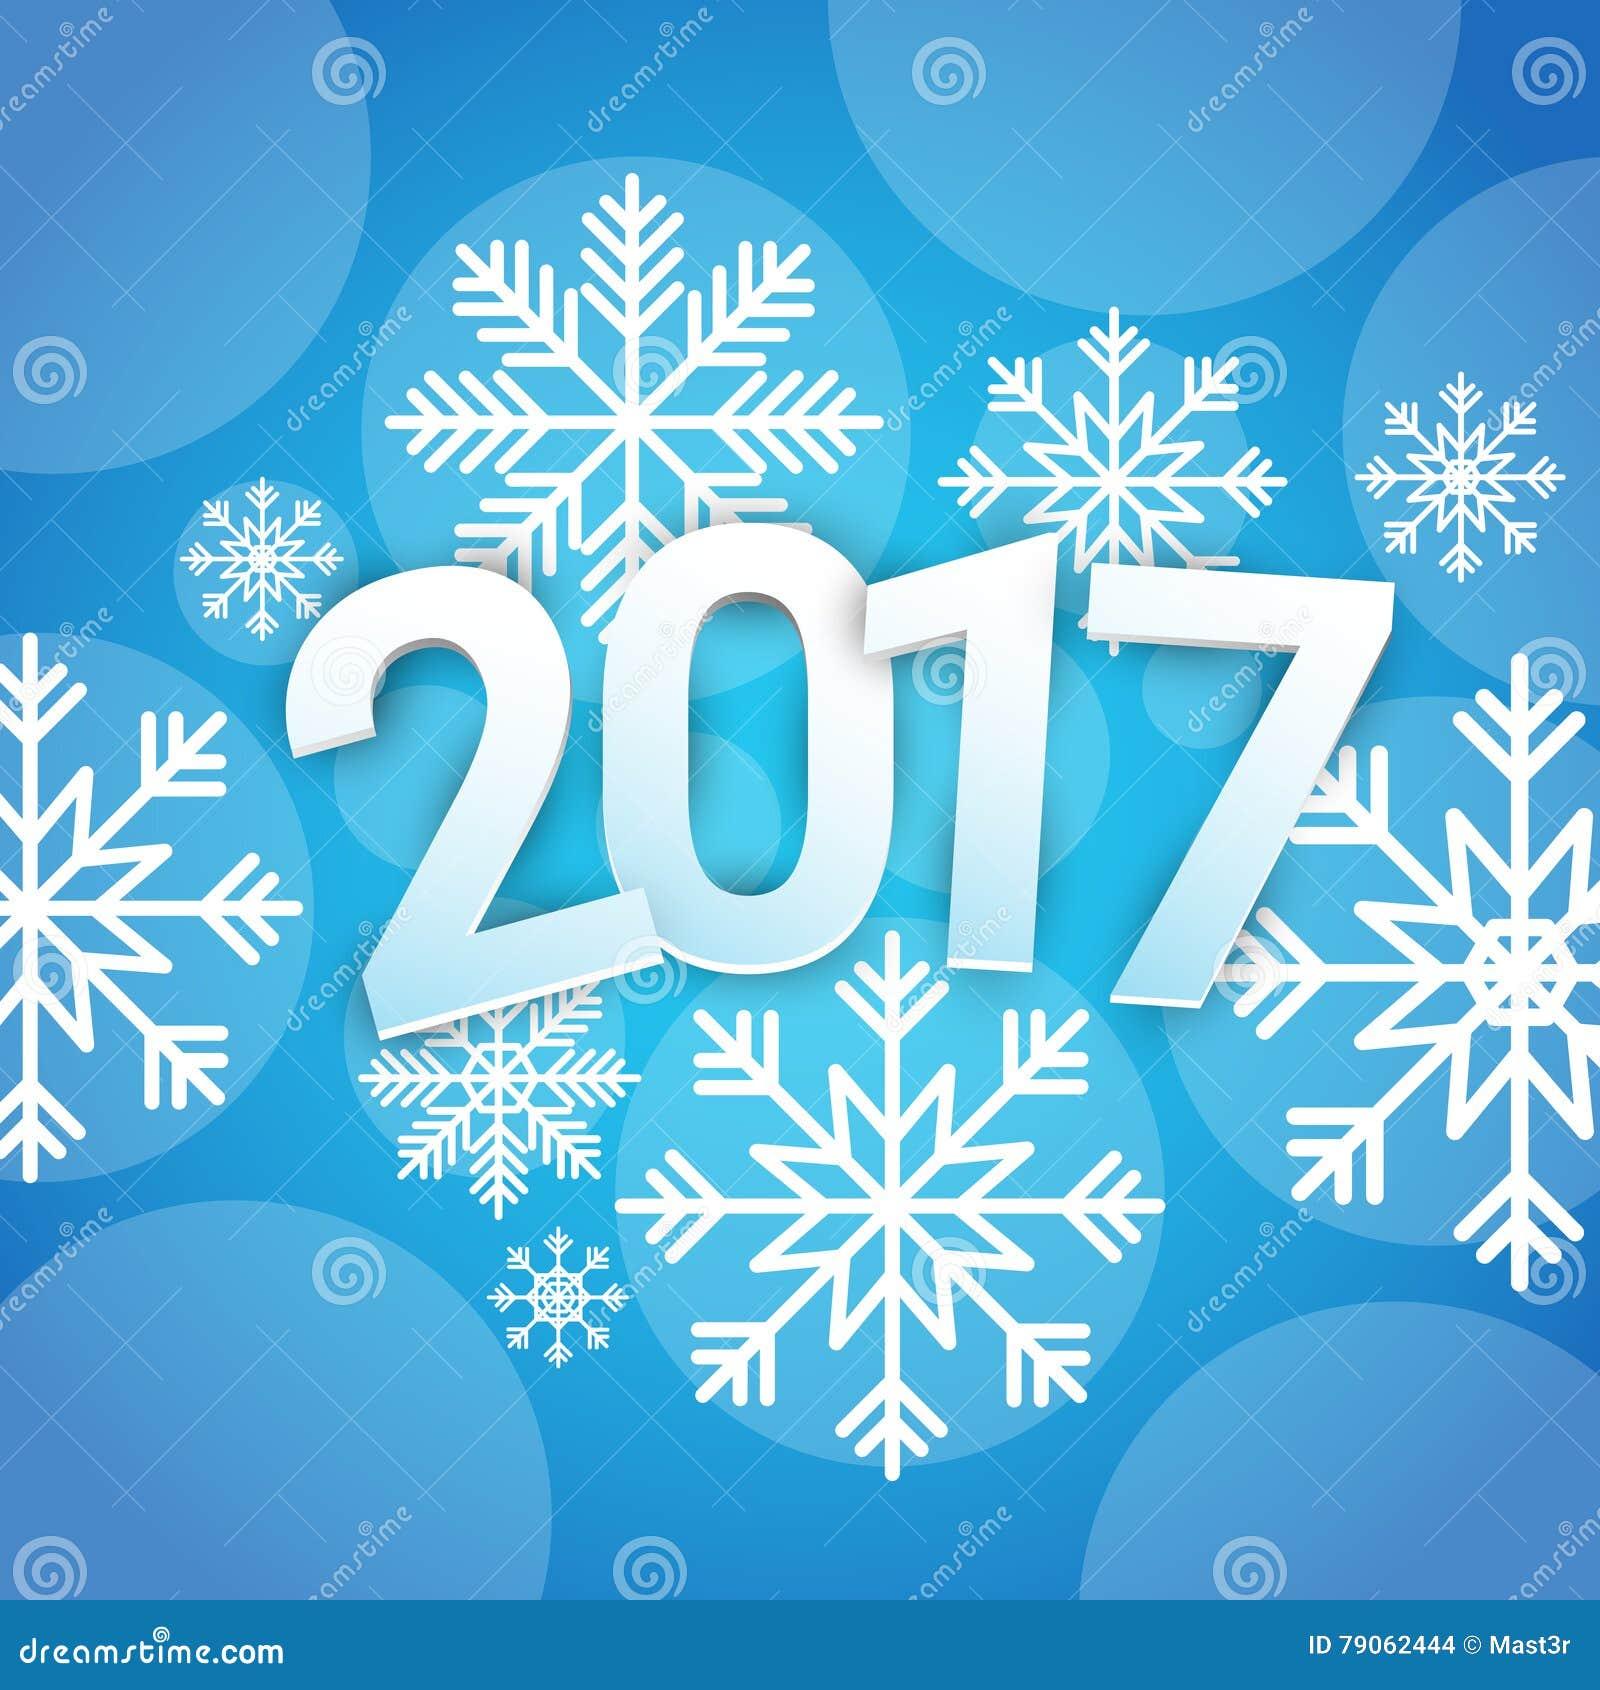 Недорого слетать на новый год